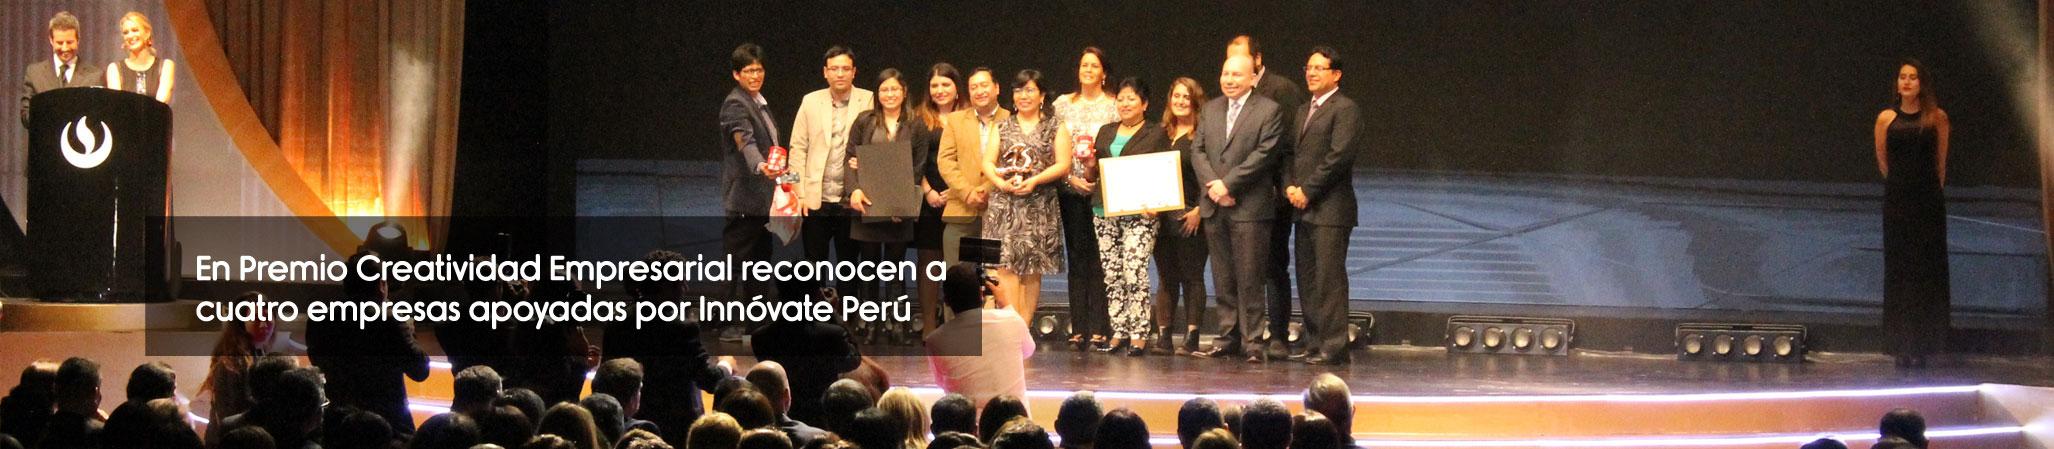 En Premio Creatividad Empresarial reconocen a cuatro empresas apoyadas por Innóvate Perú